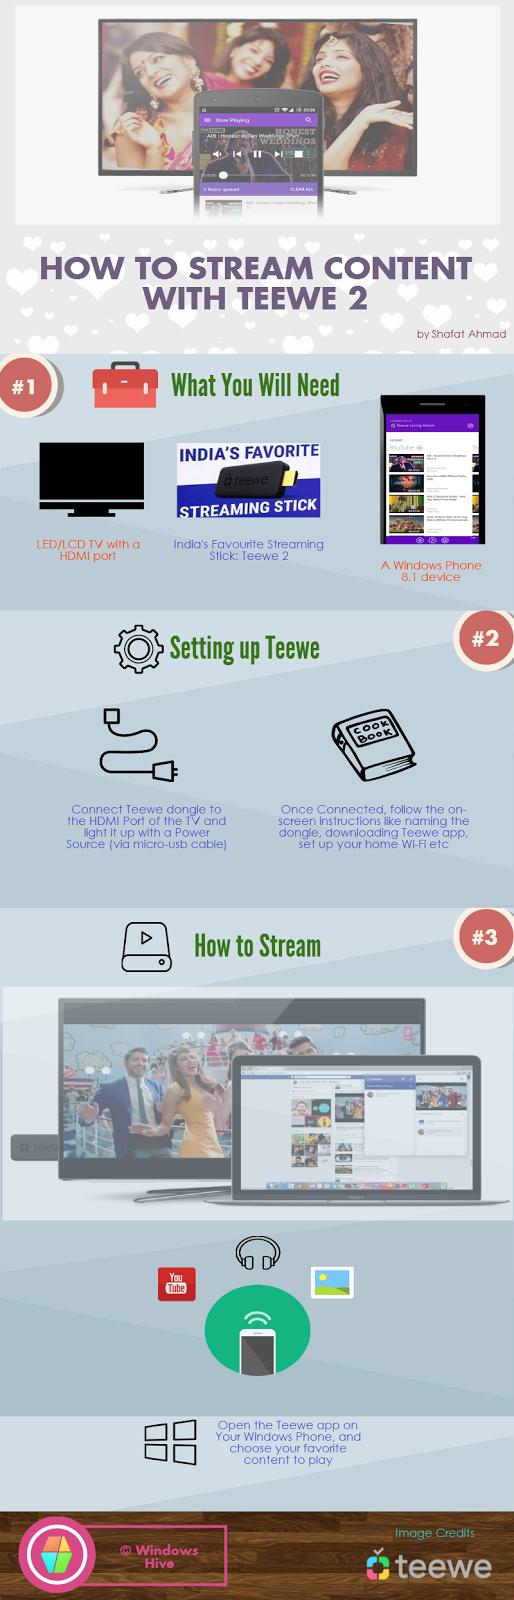 How to use Teewe 2